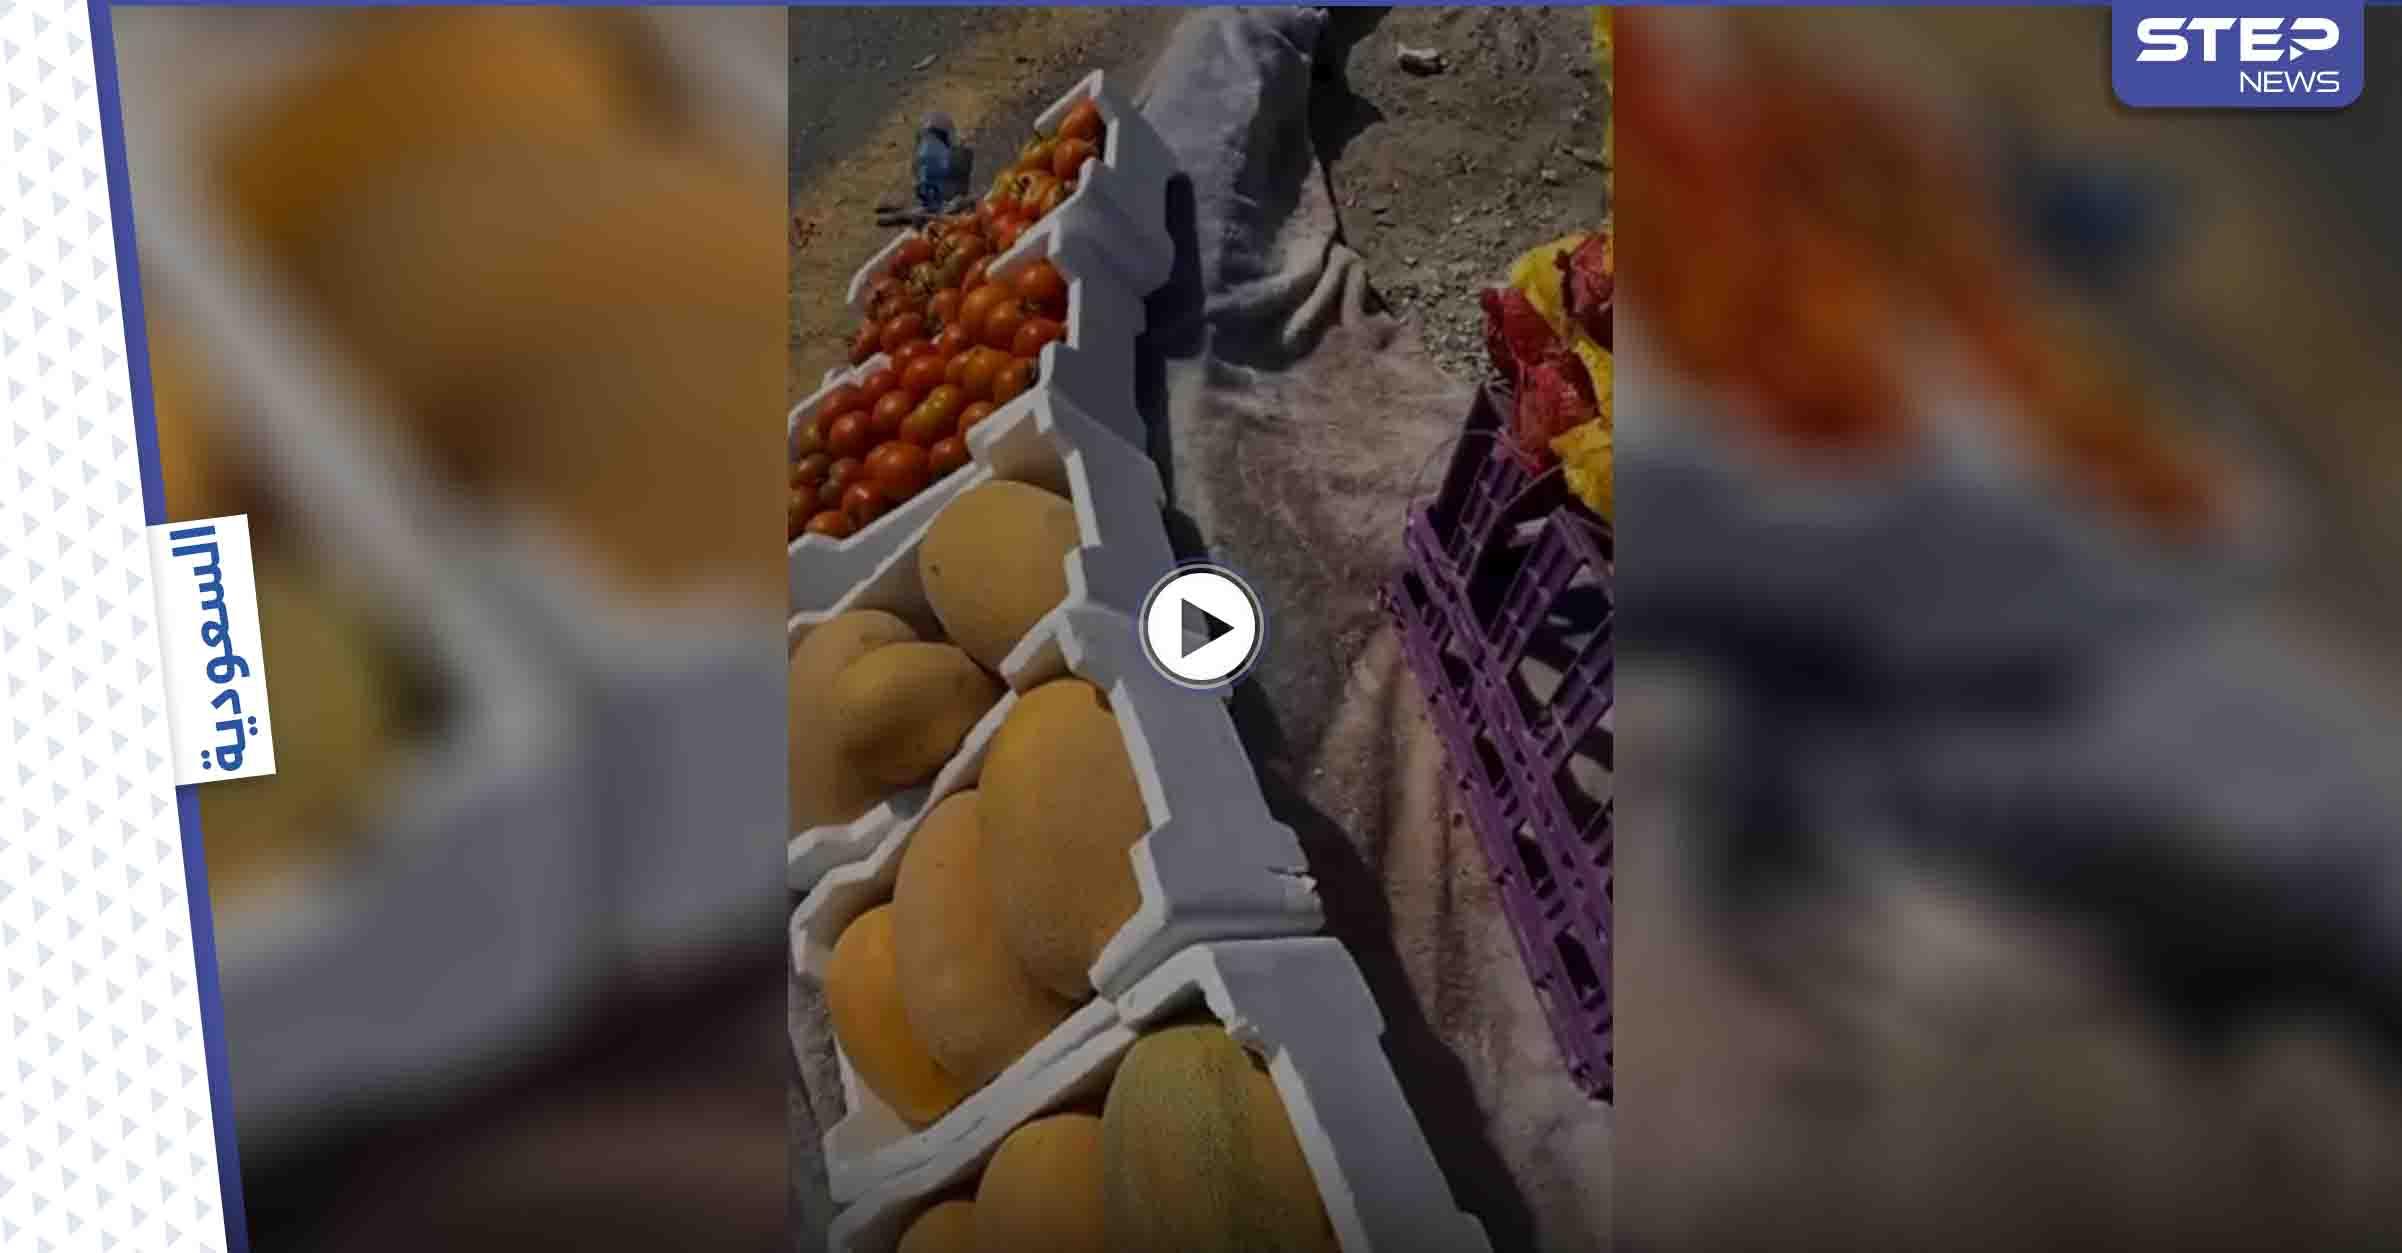 بالفيديو|| مواطن يحرج بائعة خضار مسنة ويقوم بتصويرها والتنمر عليها.. وإجراء قانوني عاجل بحقه